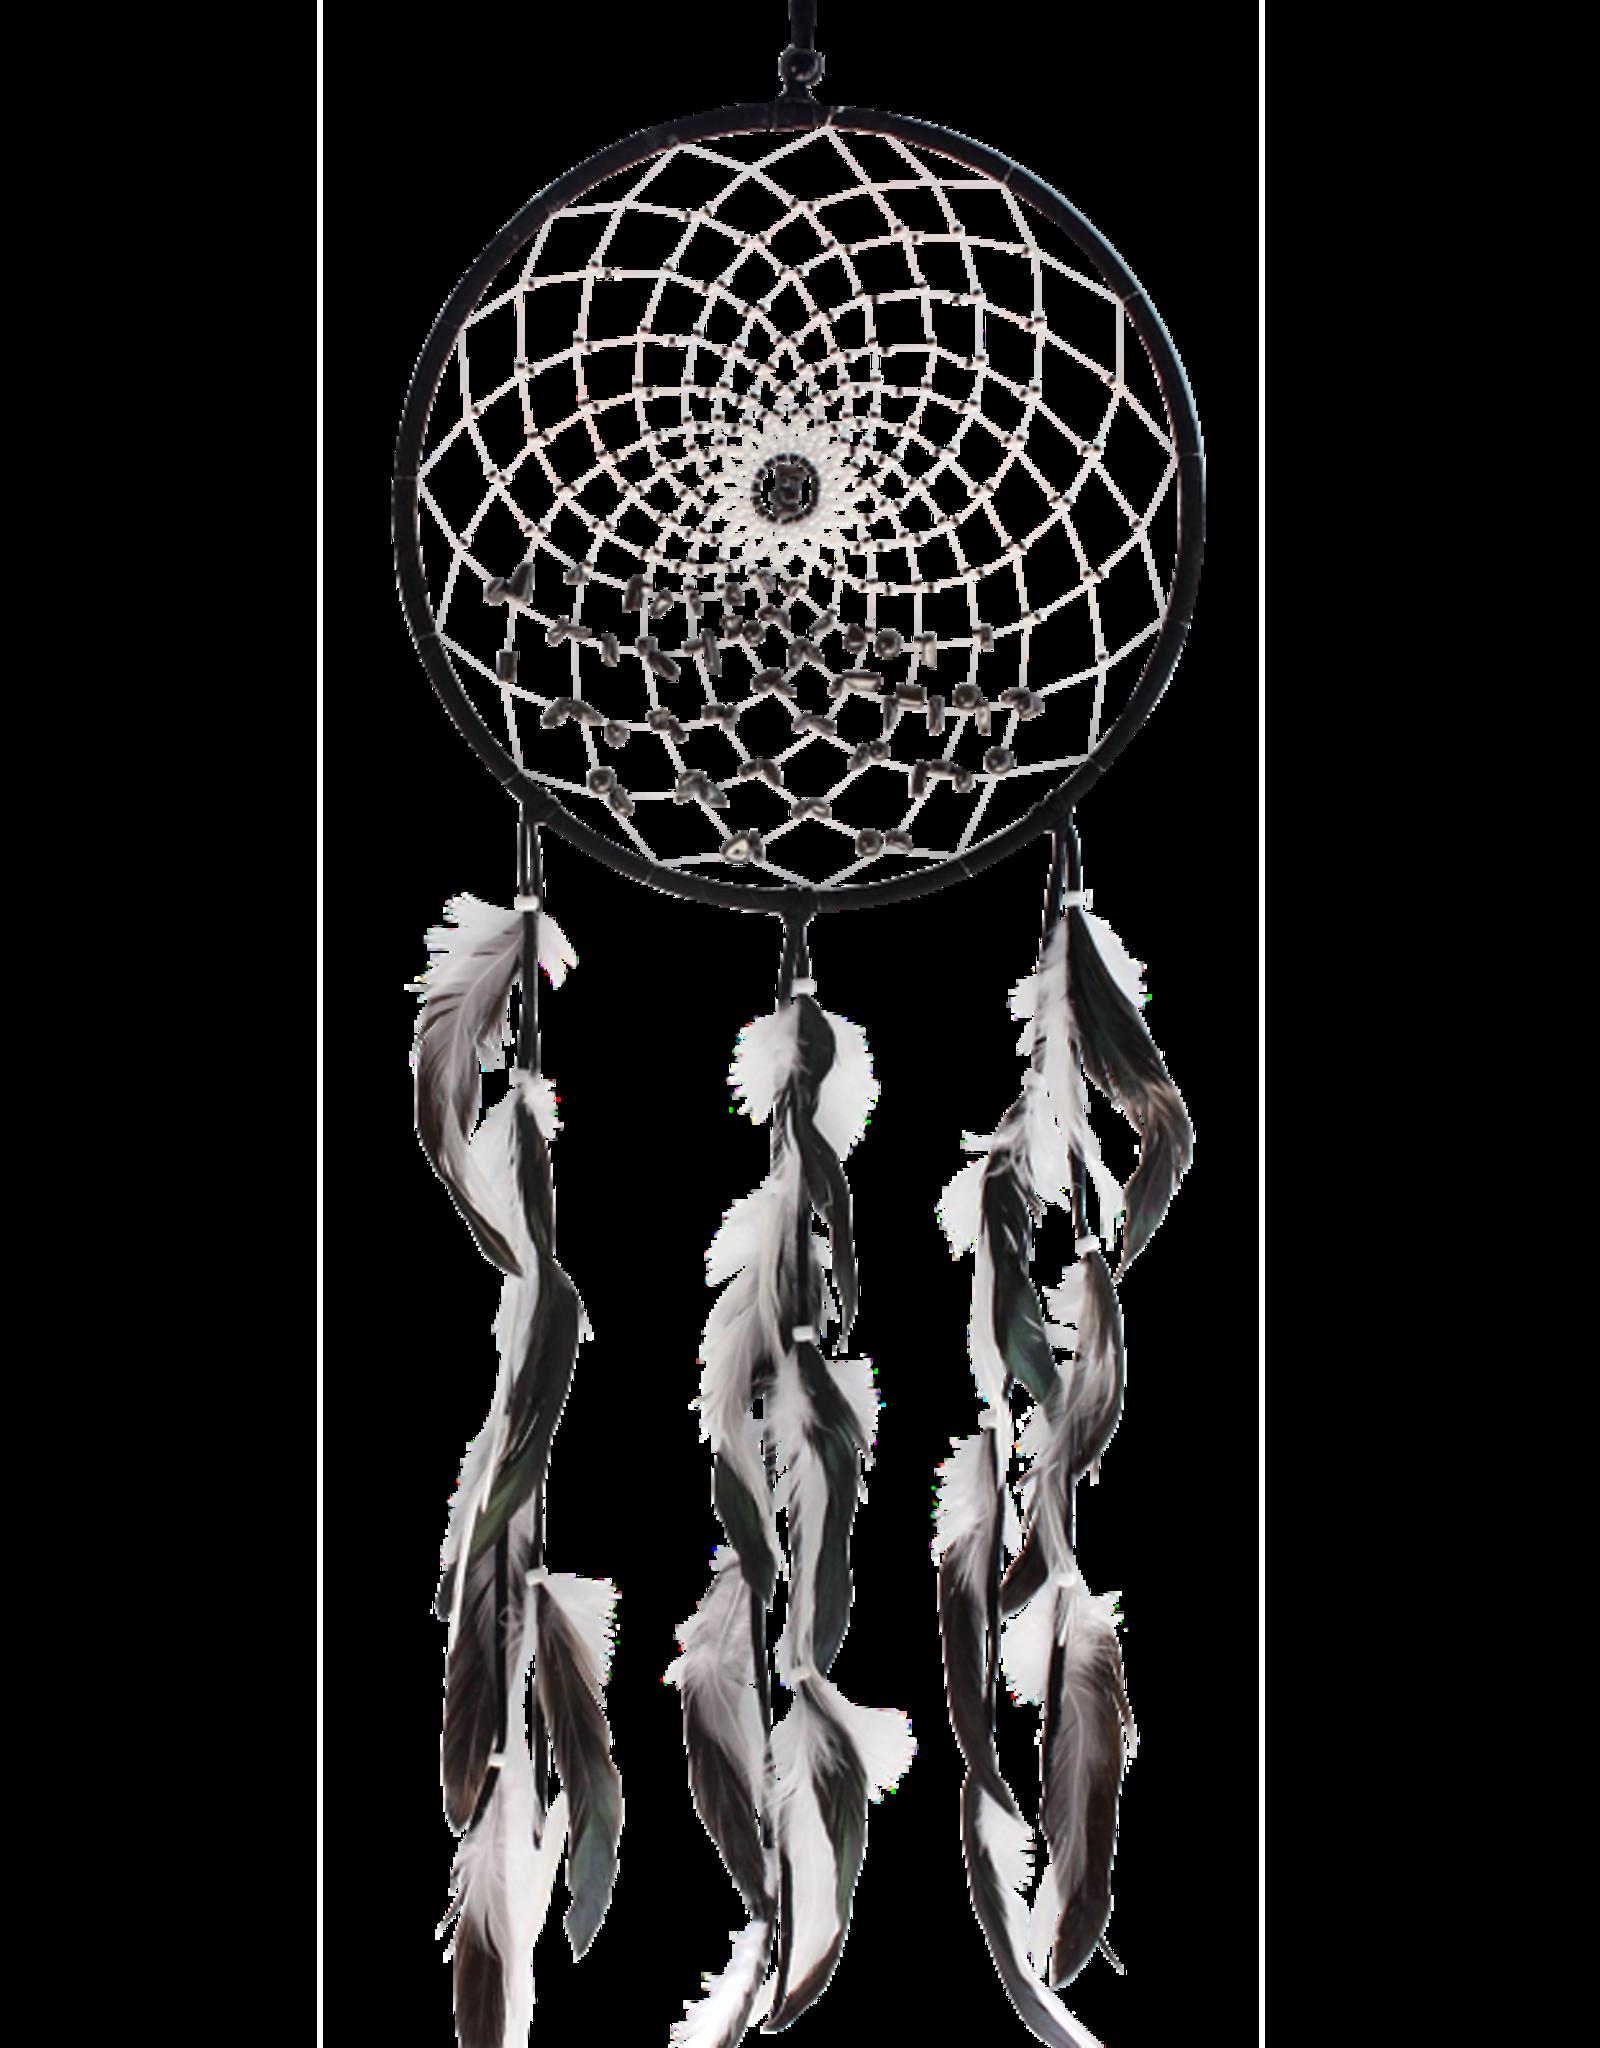 Dreamcatcher with Hematite Stones - DC830